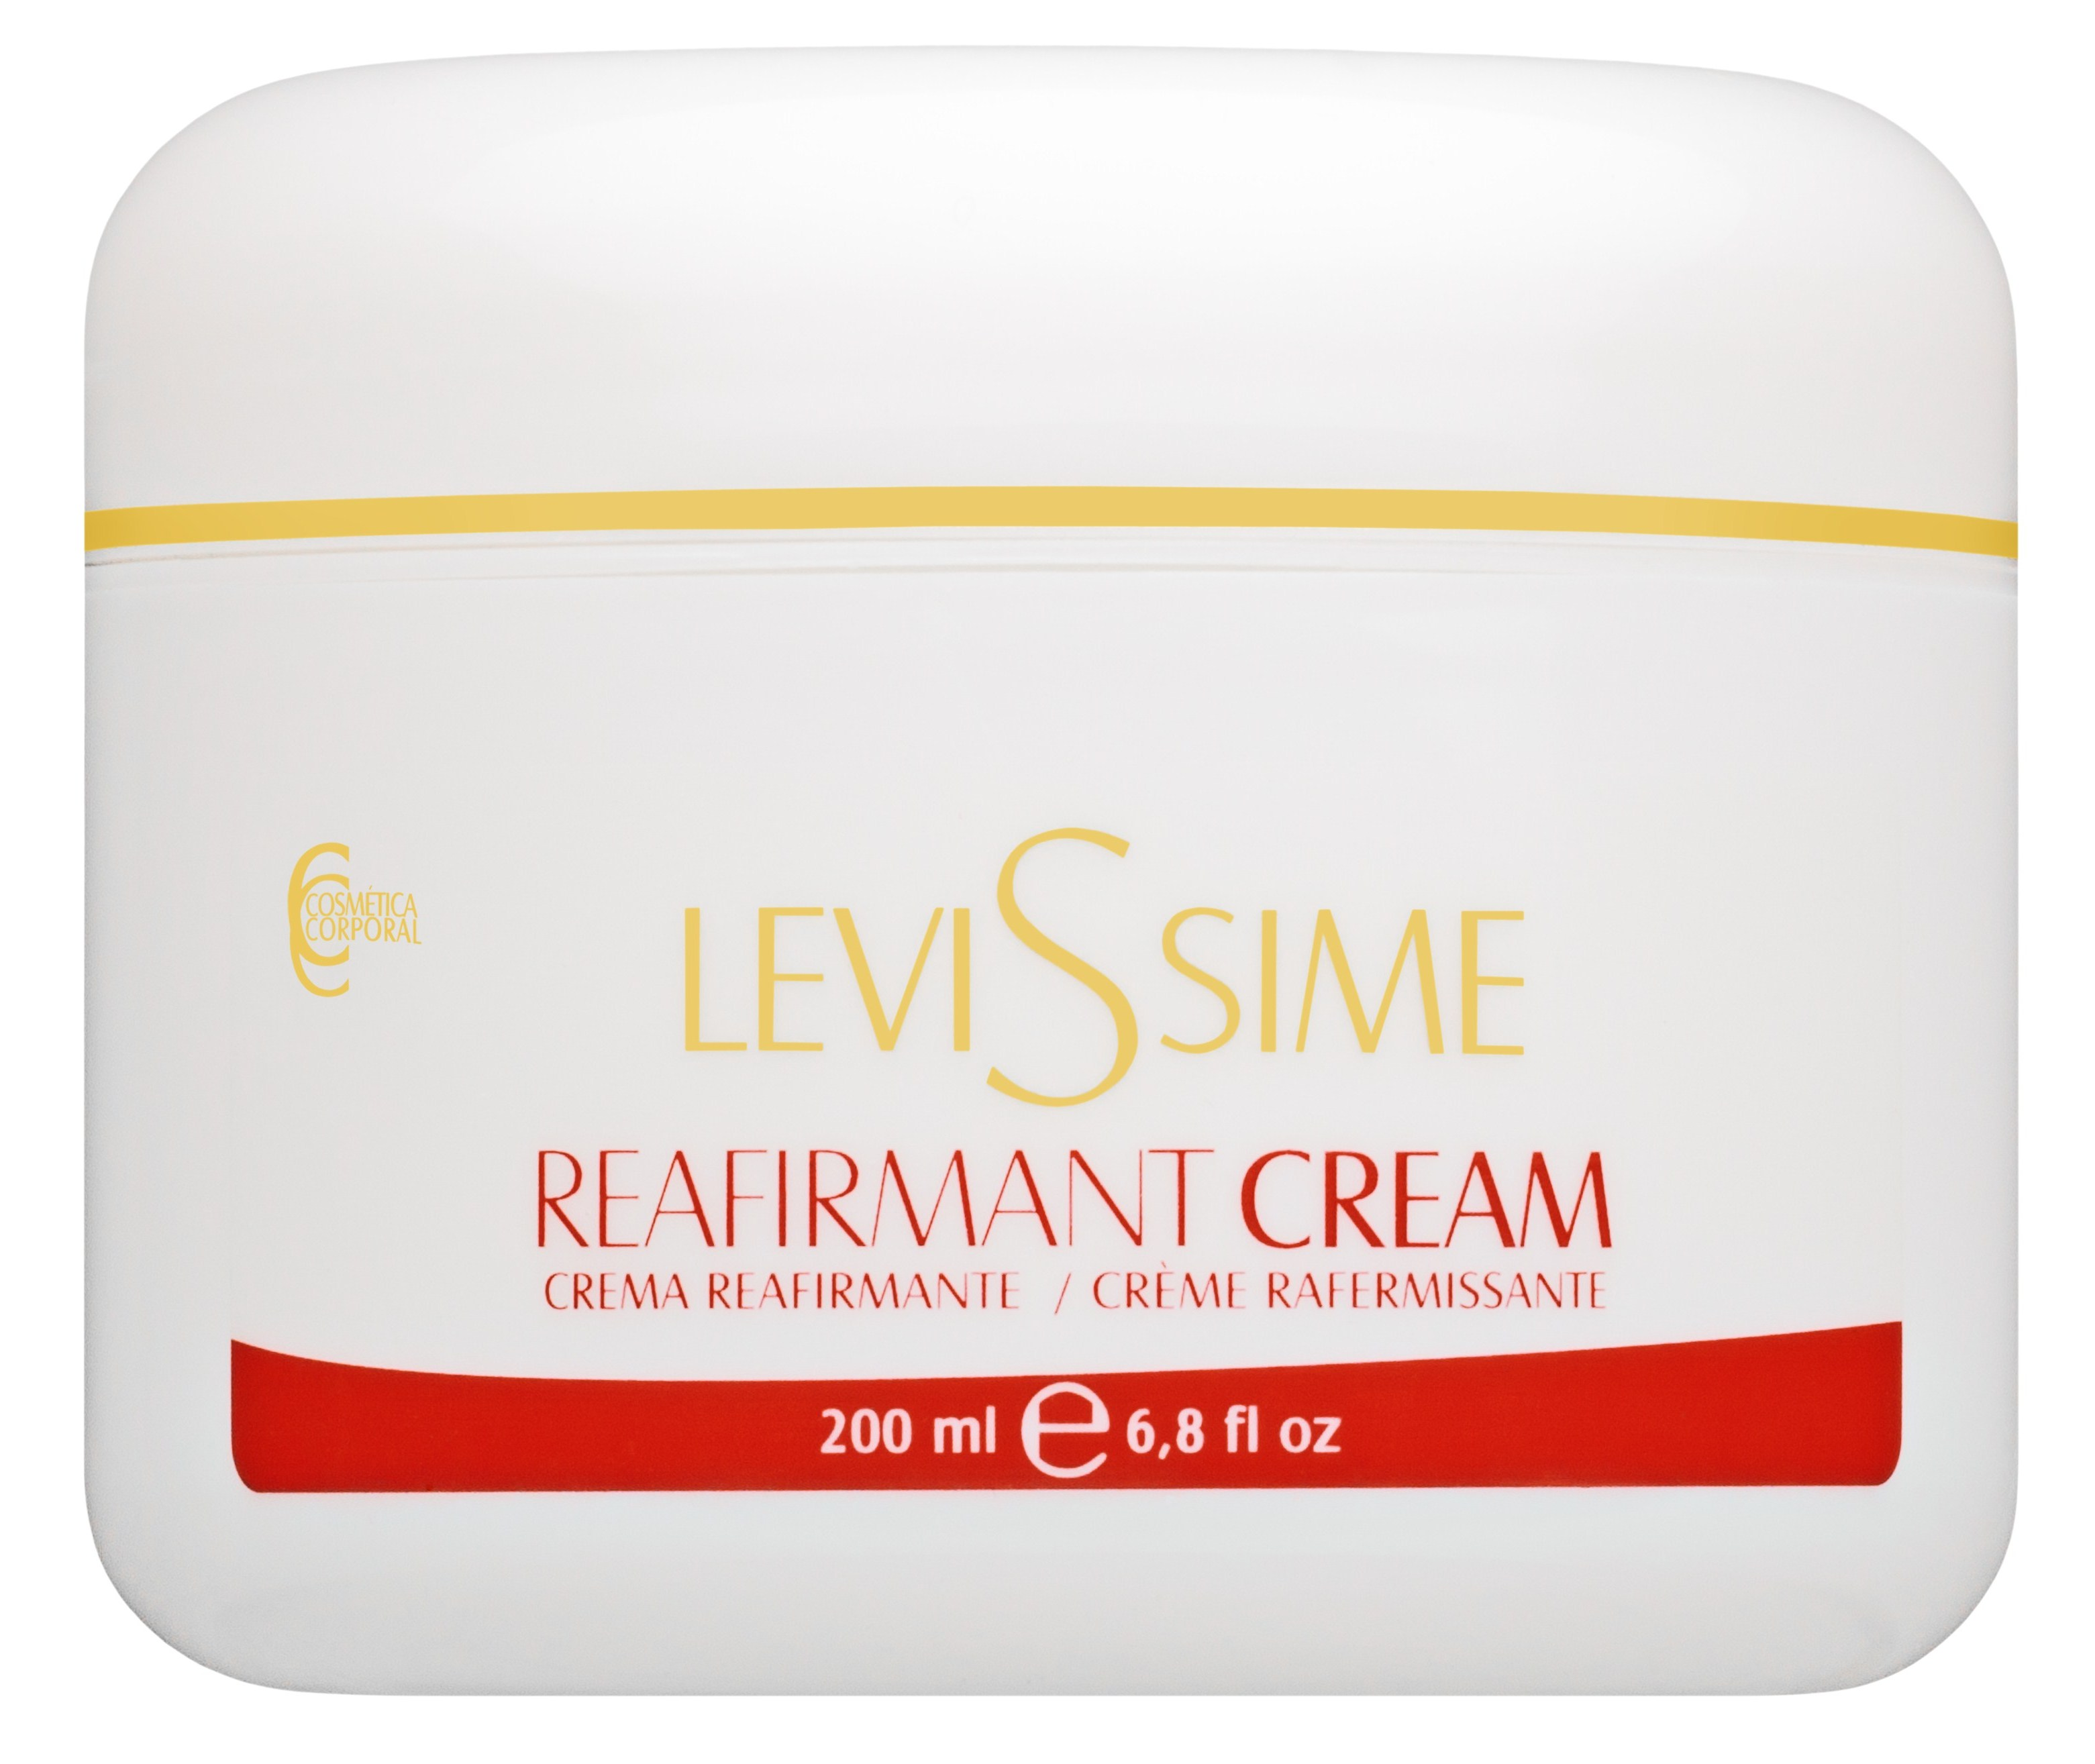 Купить LEVISSIME Крем укрепляющий для лица и тела / Reafirmant Cream 200 мл